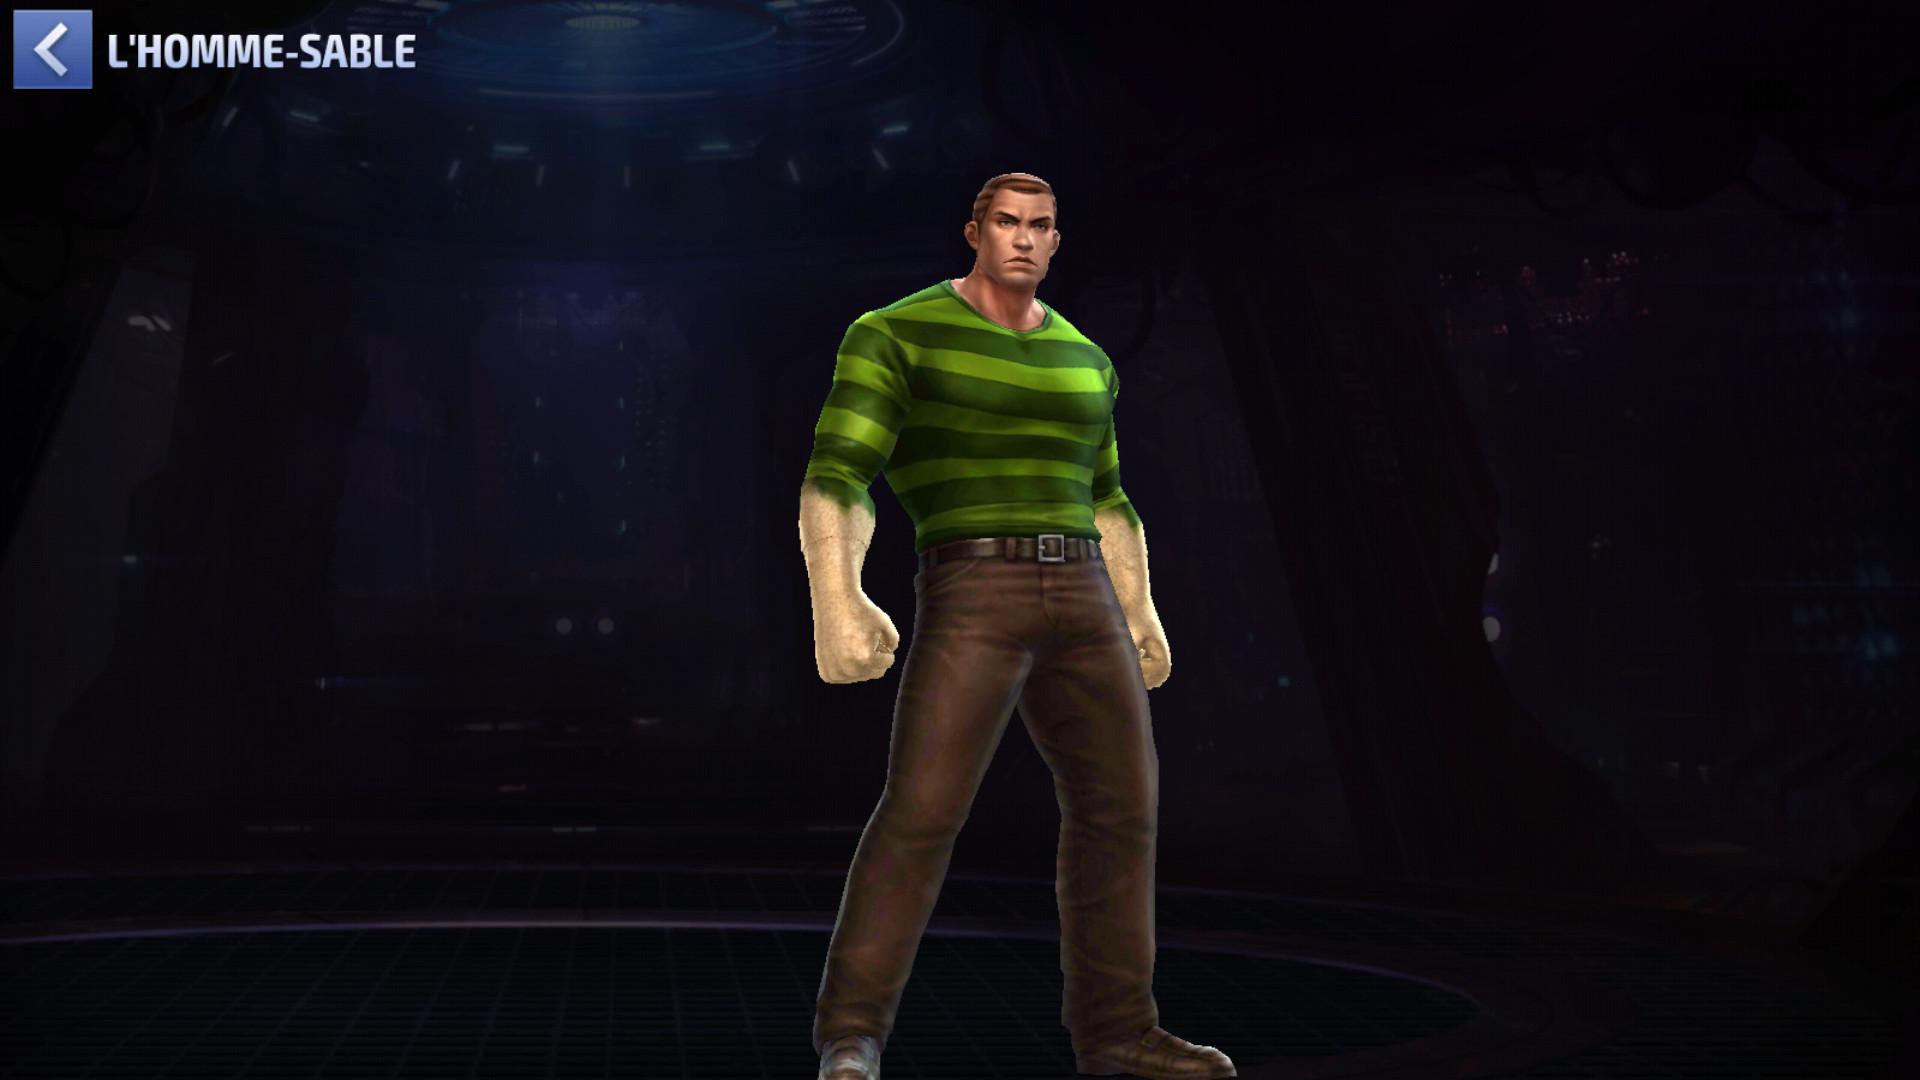 L'Homme-Sable rocks même sans costume!